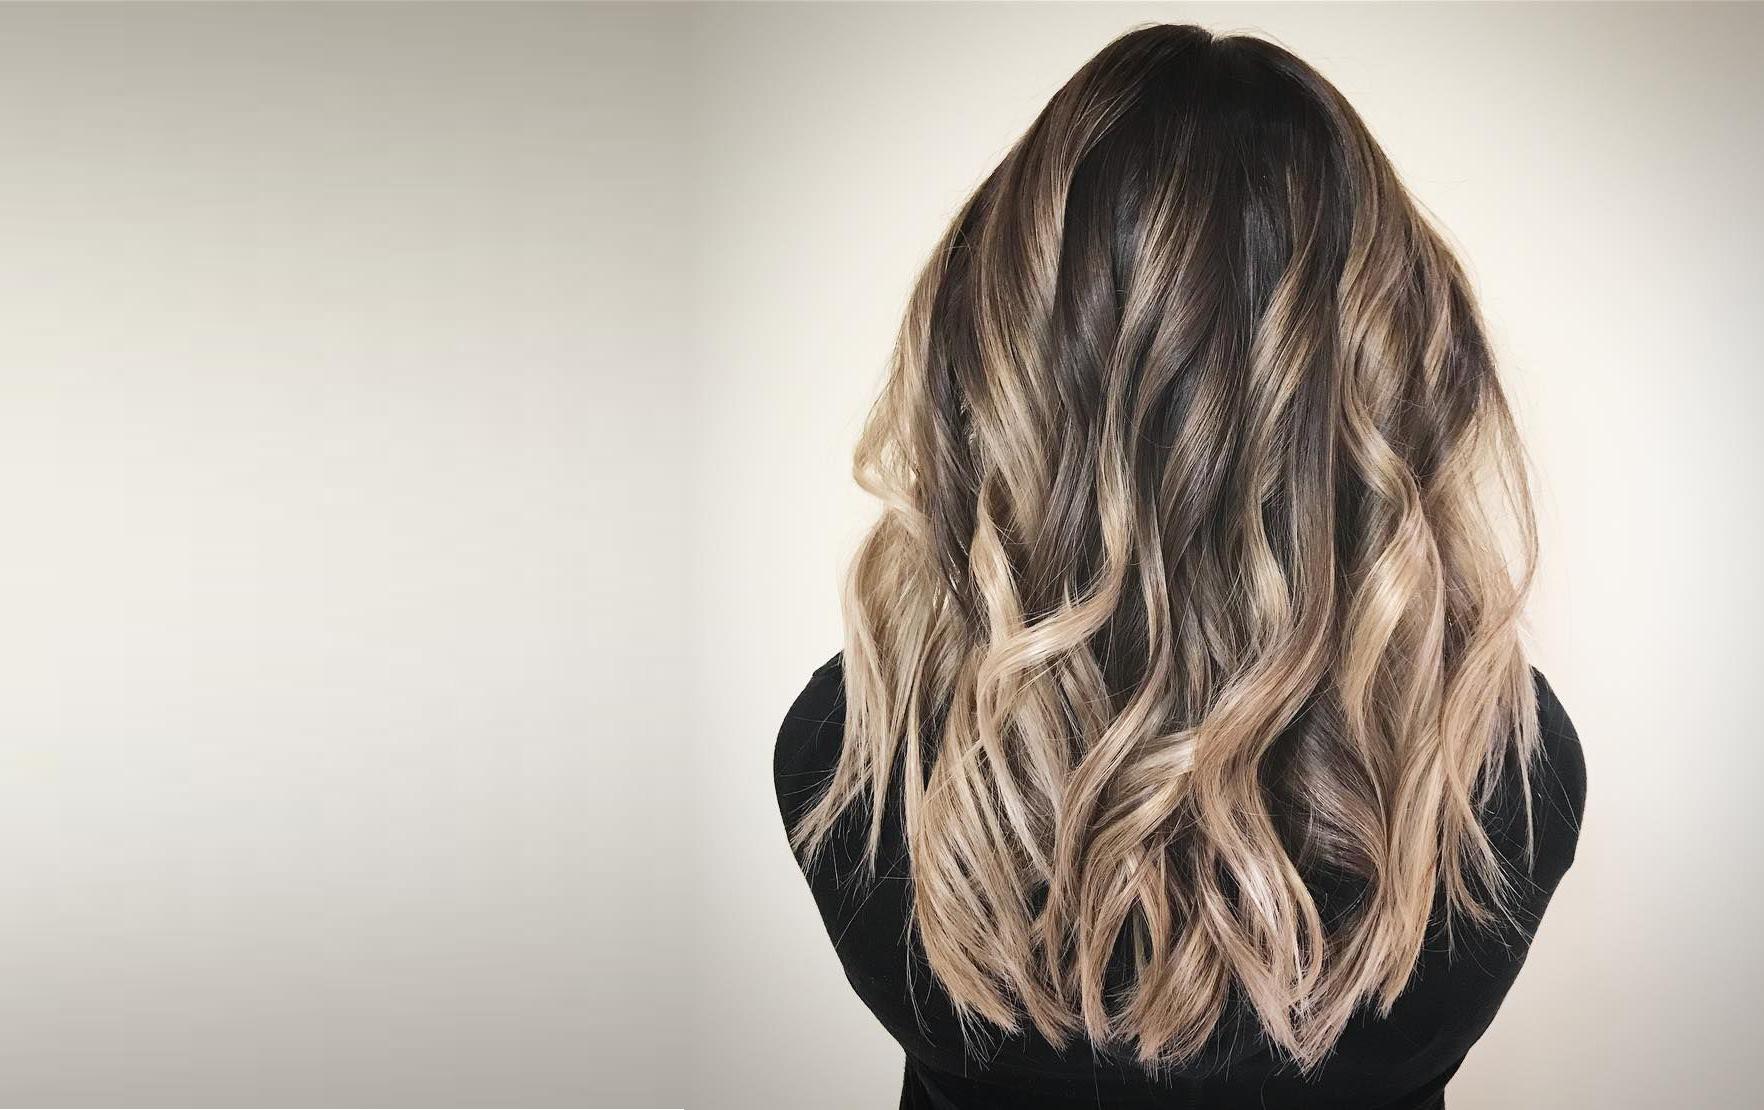 Окрашивание волос в технике балаяж фото